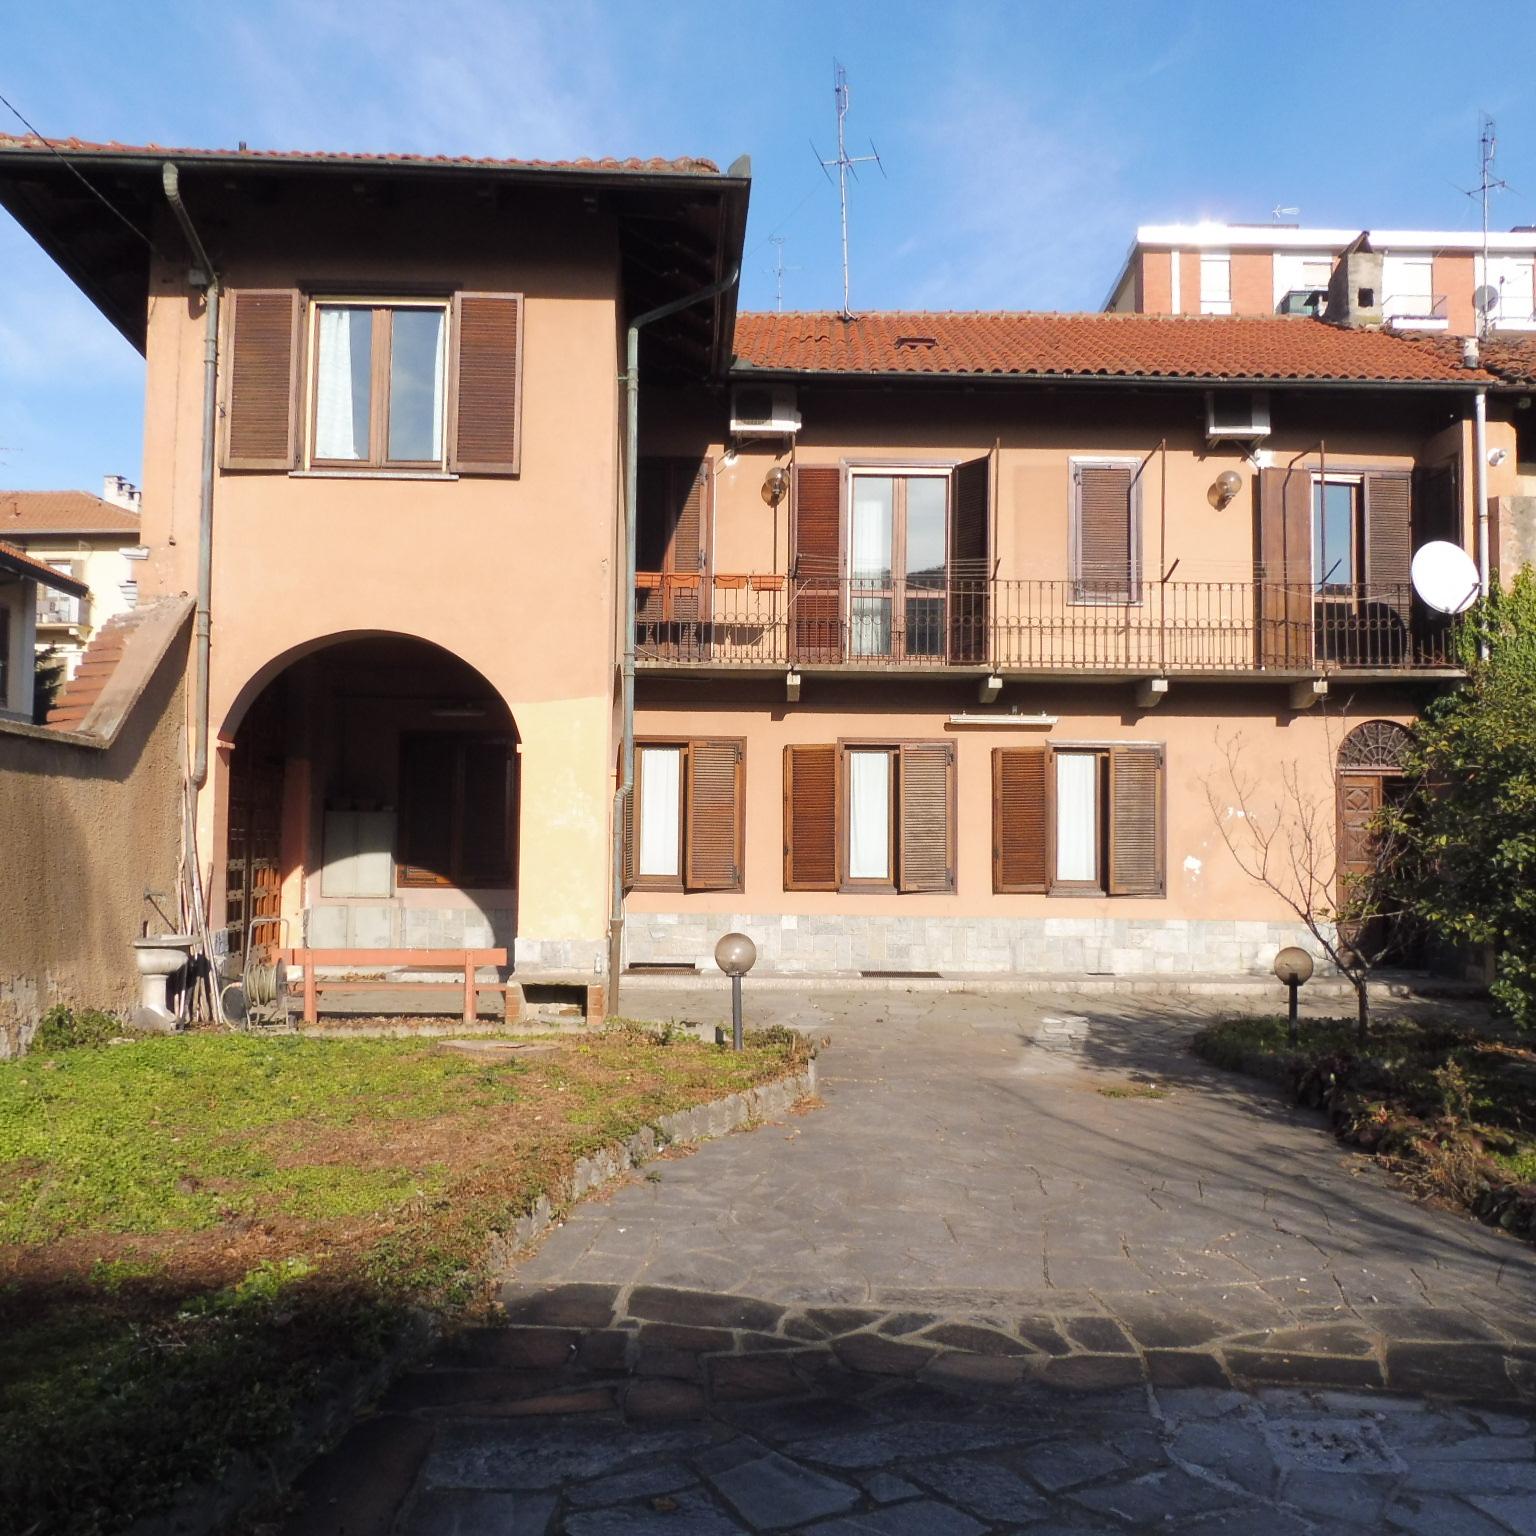 Foto 1 di Casa indipendente via Perotti, Grugliasco